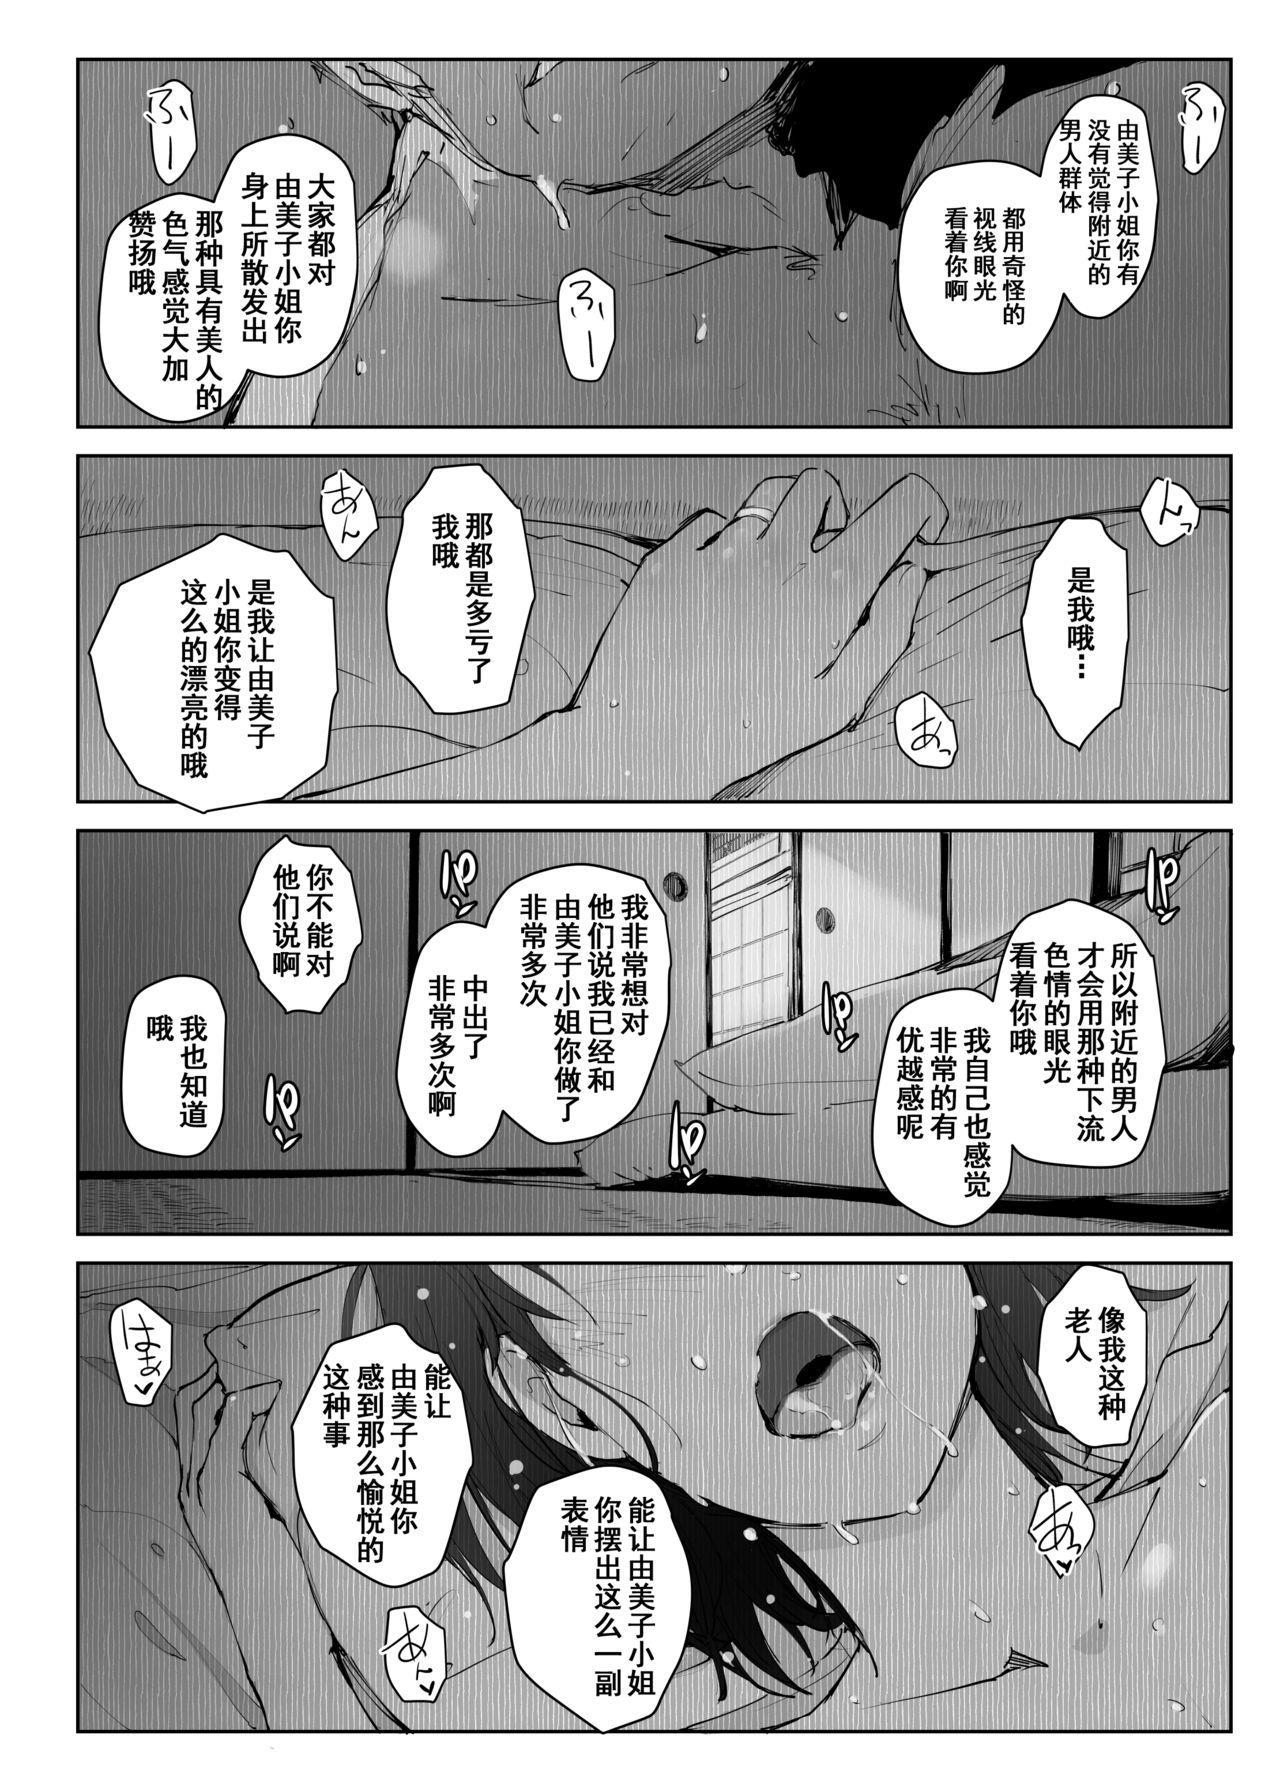 Hitozuma to NTR Chounai Ryokou 30